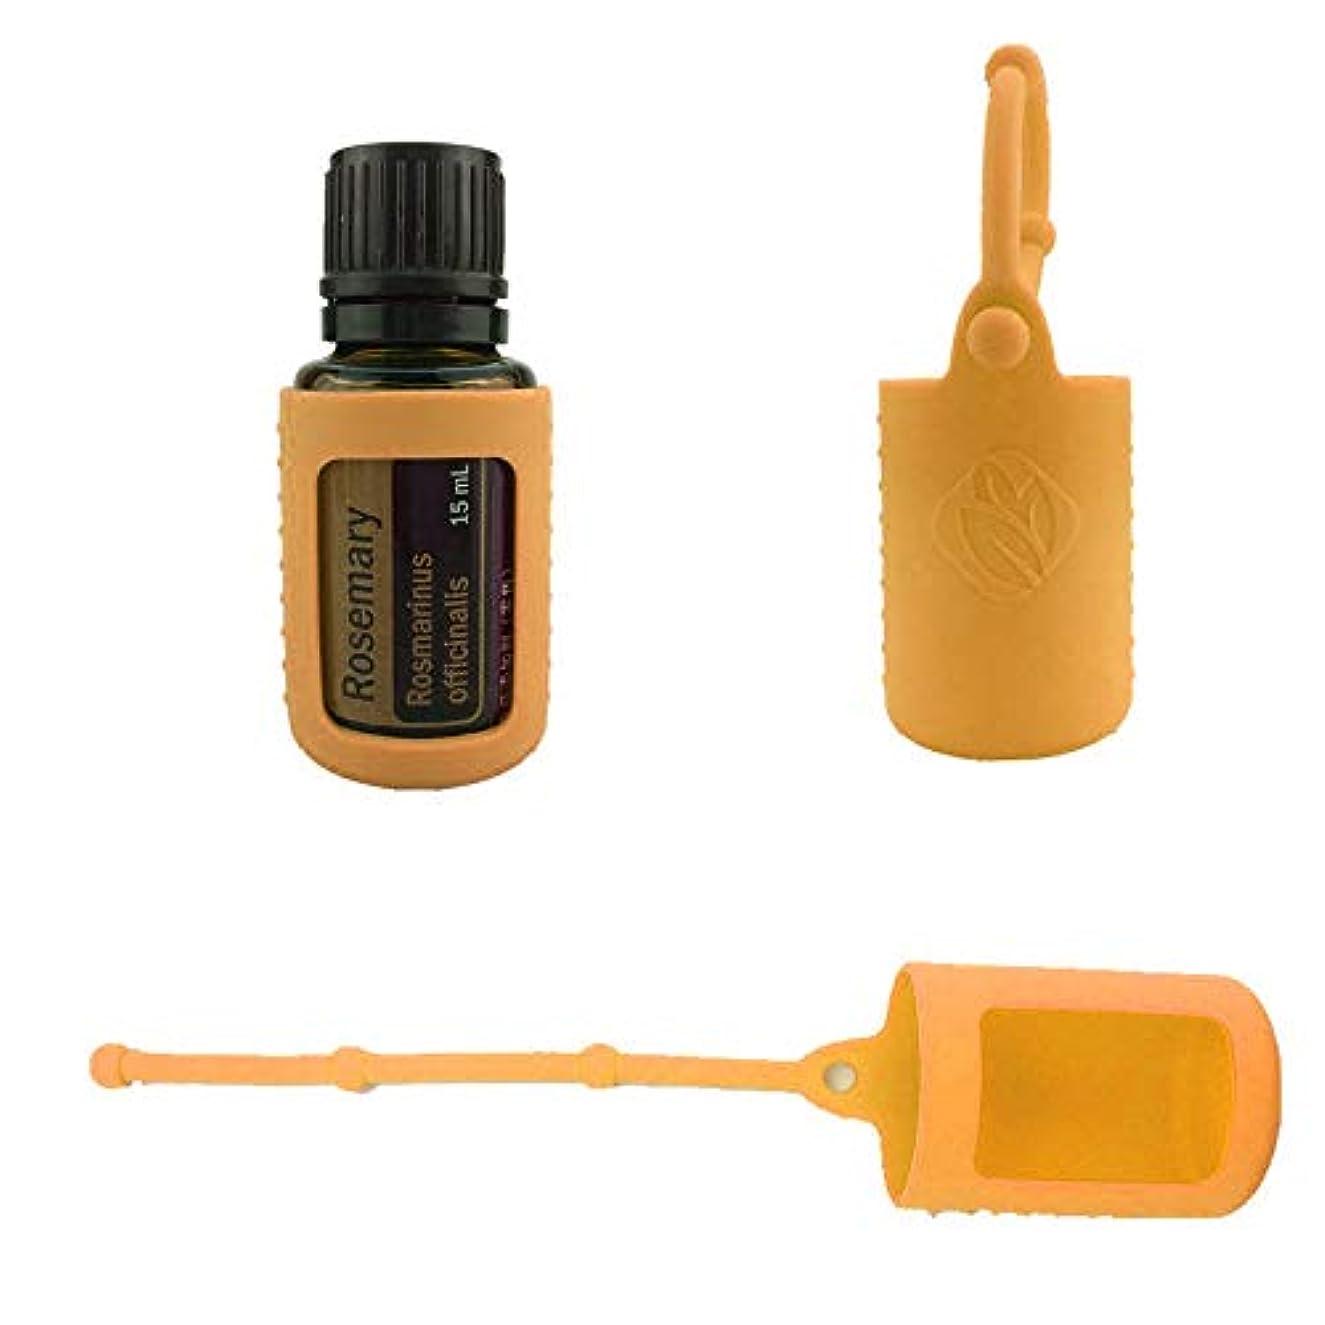 耳対処する推定6パック熱望オイルボトルシリコンローラーボトルホルダースリーブエッセンシャルオイルボトル保護カバーケースハングロープ - オレンジ - 6-pcs 5ml